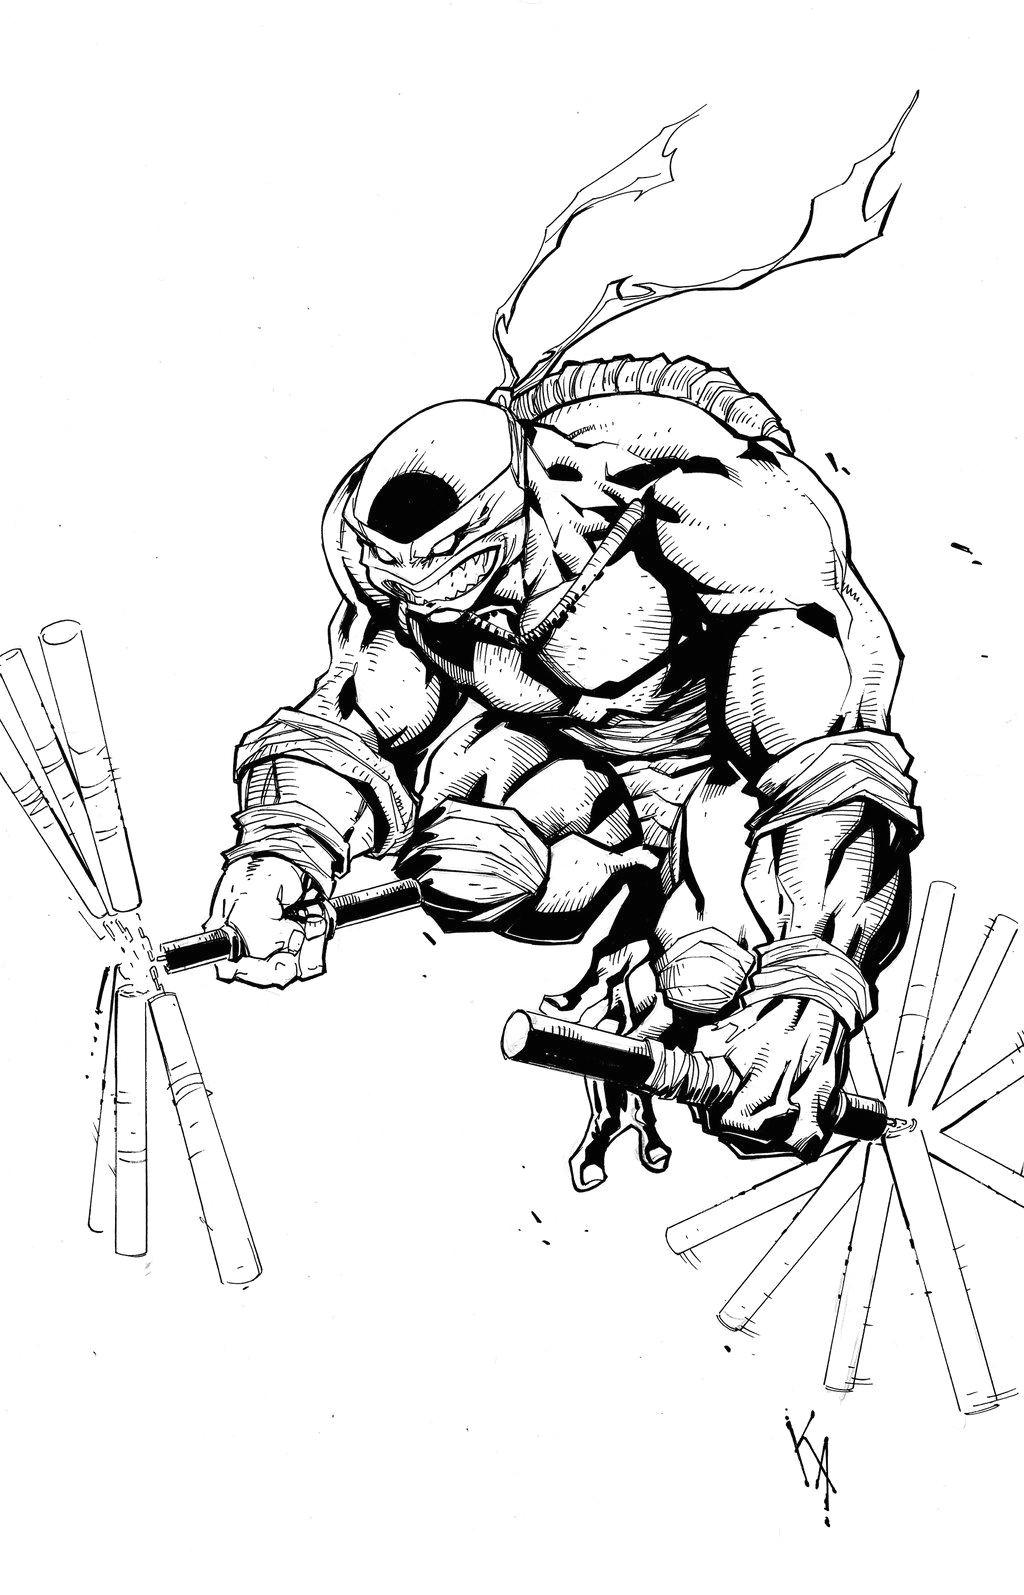 Drawing Of A Cartoon Ninja Michelangelo Tmnt Komickarl Deviantart Com Tmnt Tmnt Ninja